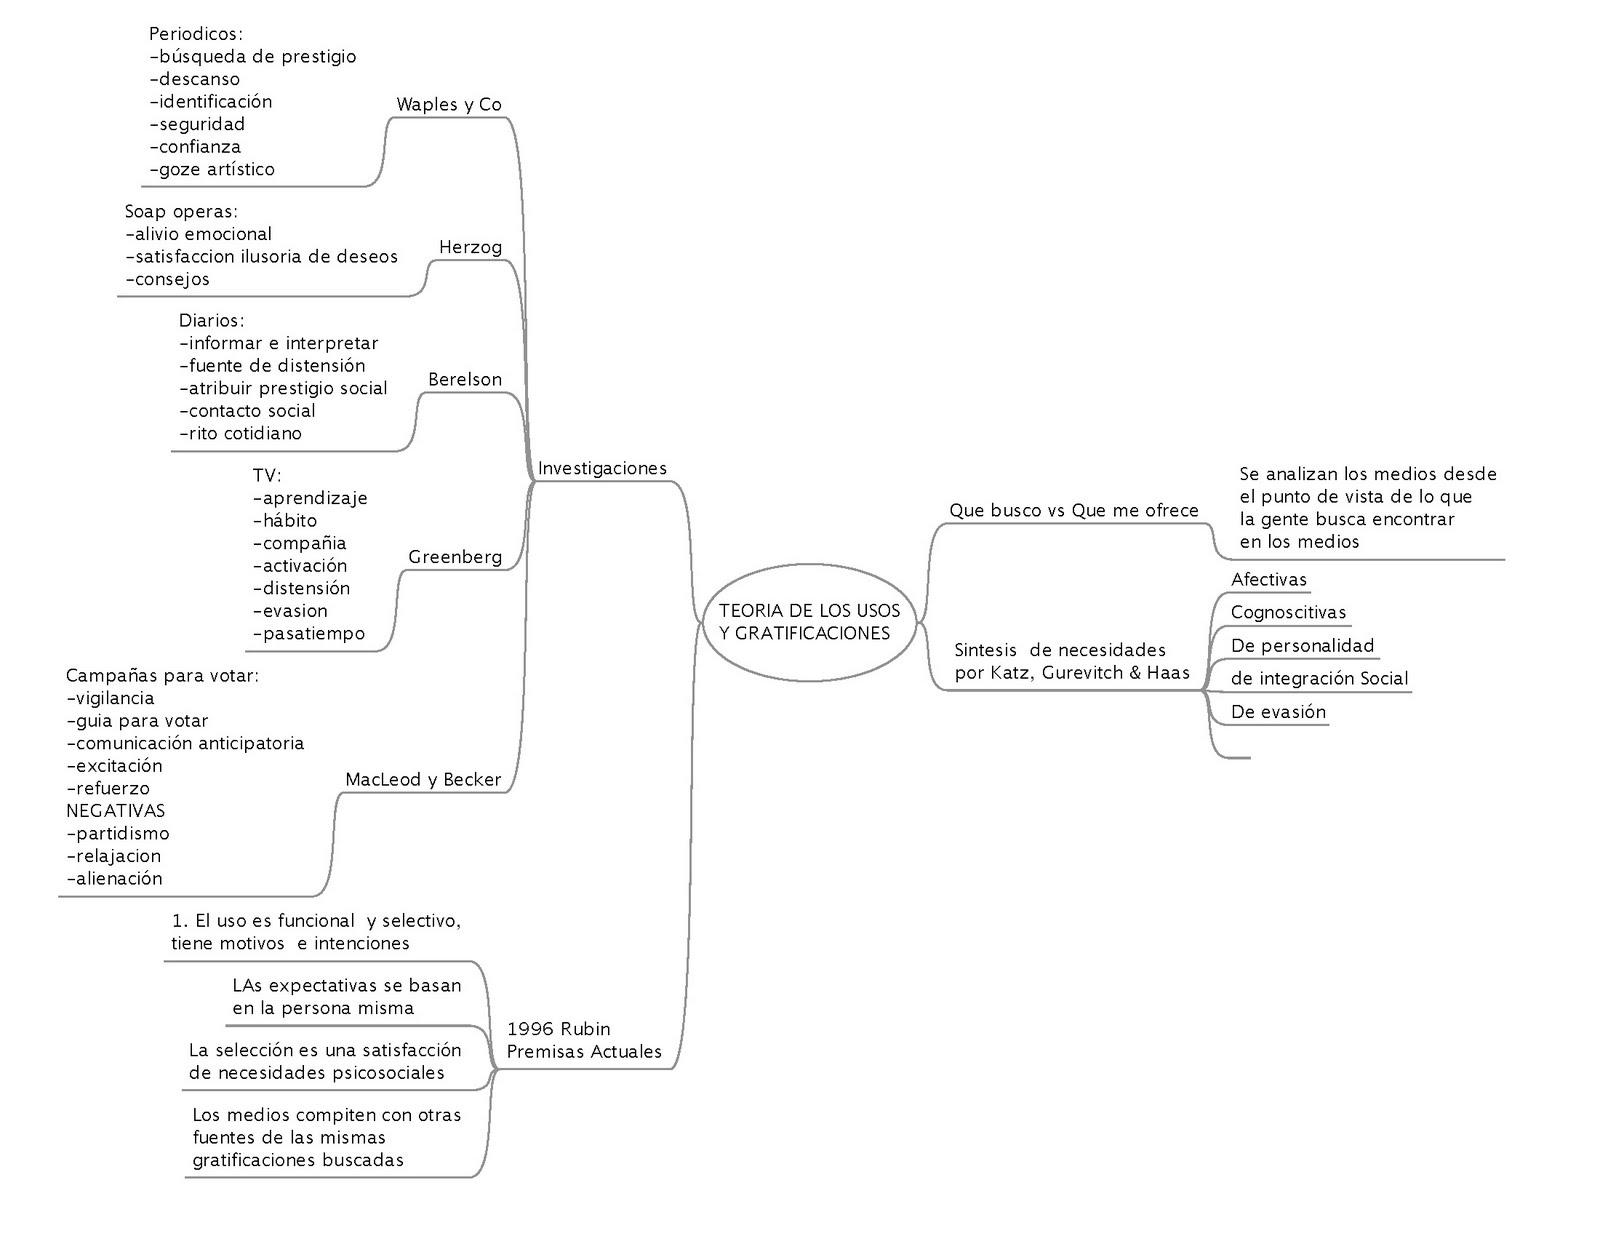 MODELO DE COMUNICACIÓN DE SCHRAMM | Teorías de la Comunicación